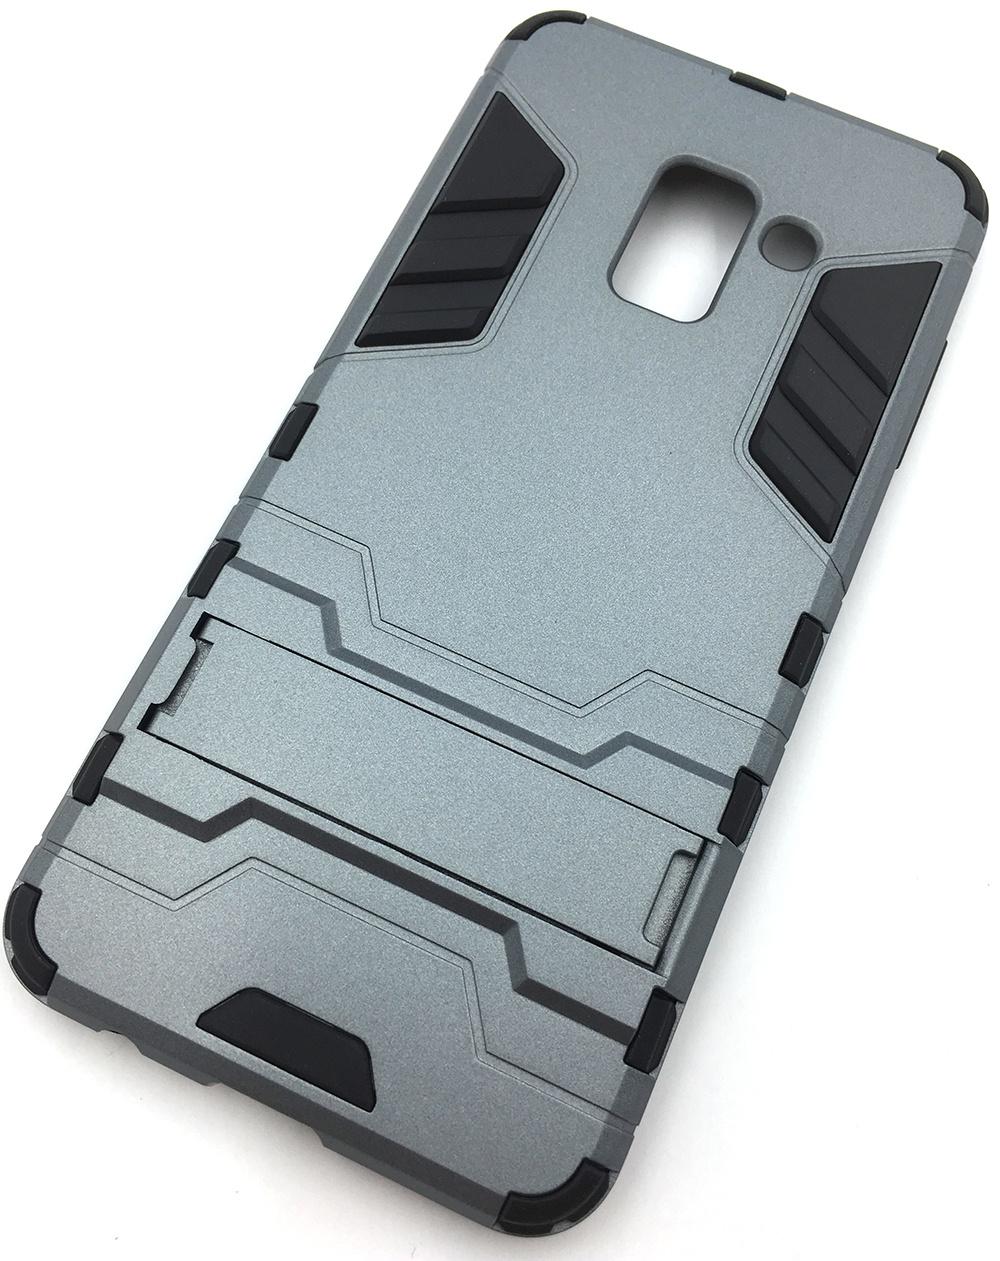 Чехол для сотового телефона Мобильная мода Samsung A8 2018 Накладка противоударная с подставкой, трансформер, темно-серый